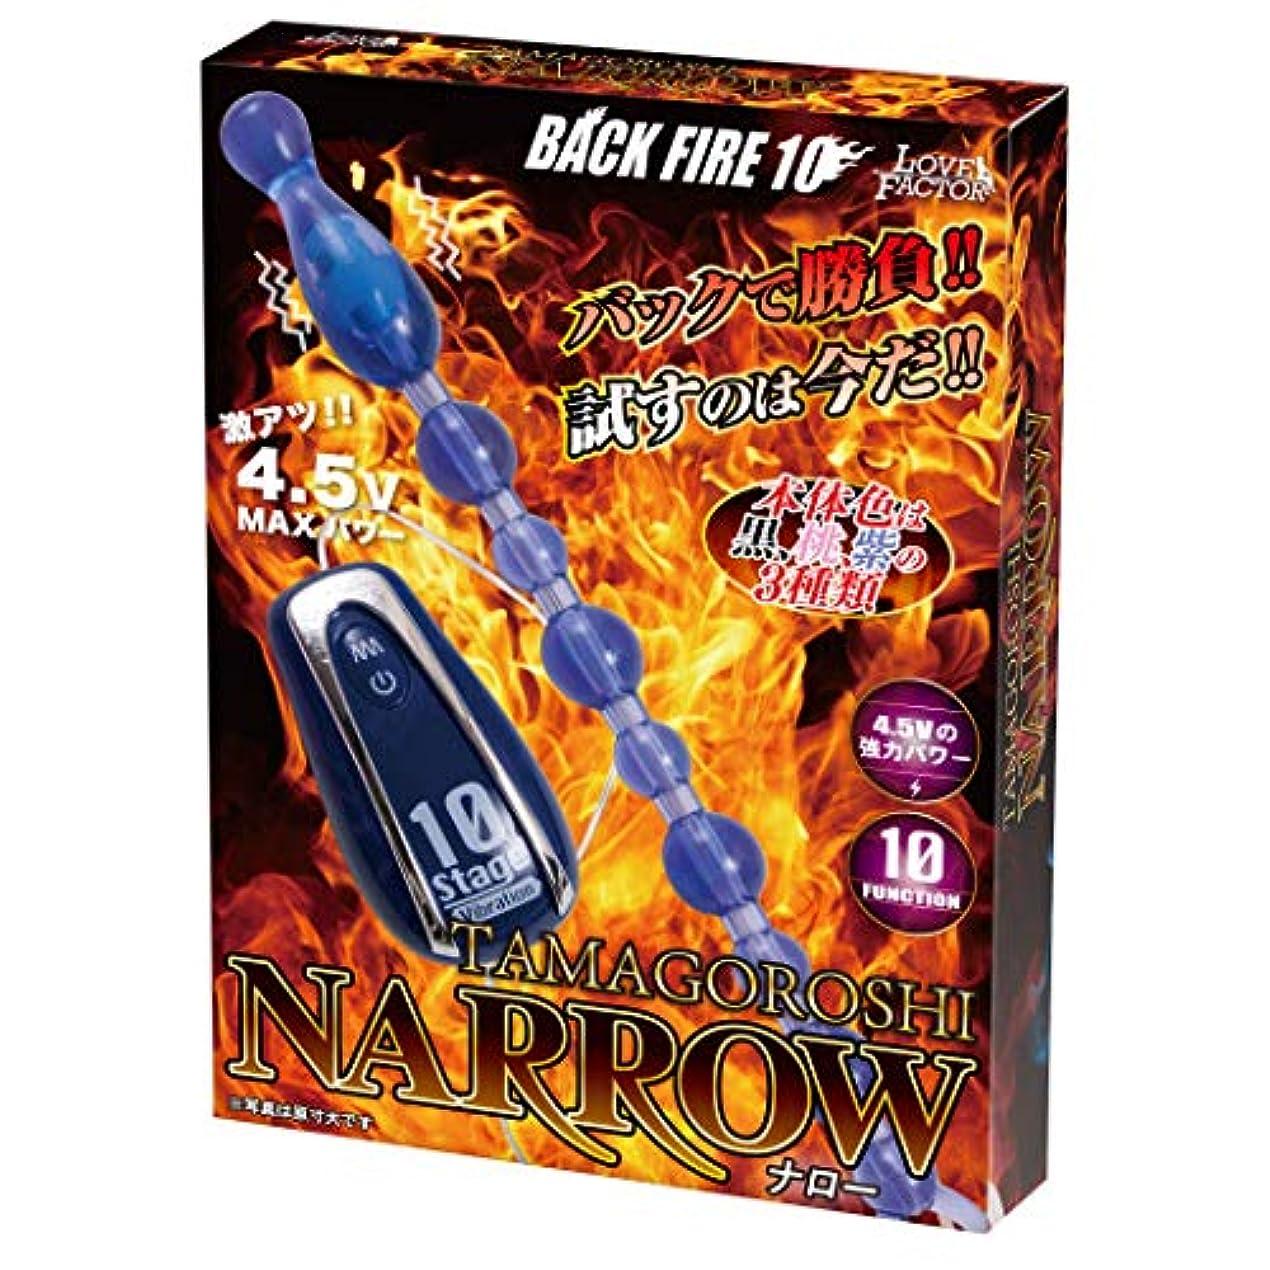 学部非公式垂直BACK FIRE TAMAGOROSHI NARROW (ナロー) 紫 アナル拡張 アナル開発 プラグ SM調教 携帯式 野外プレー 男女兼用